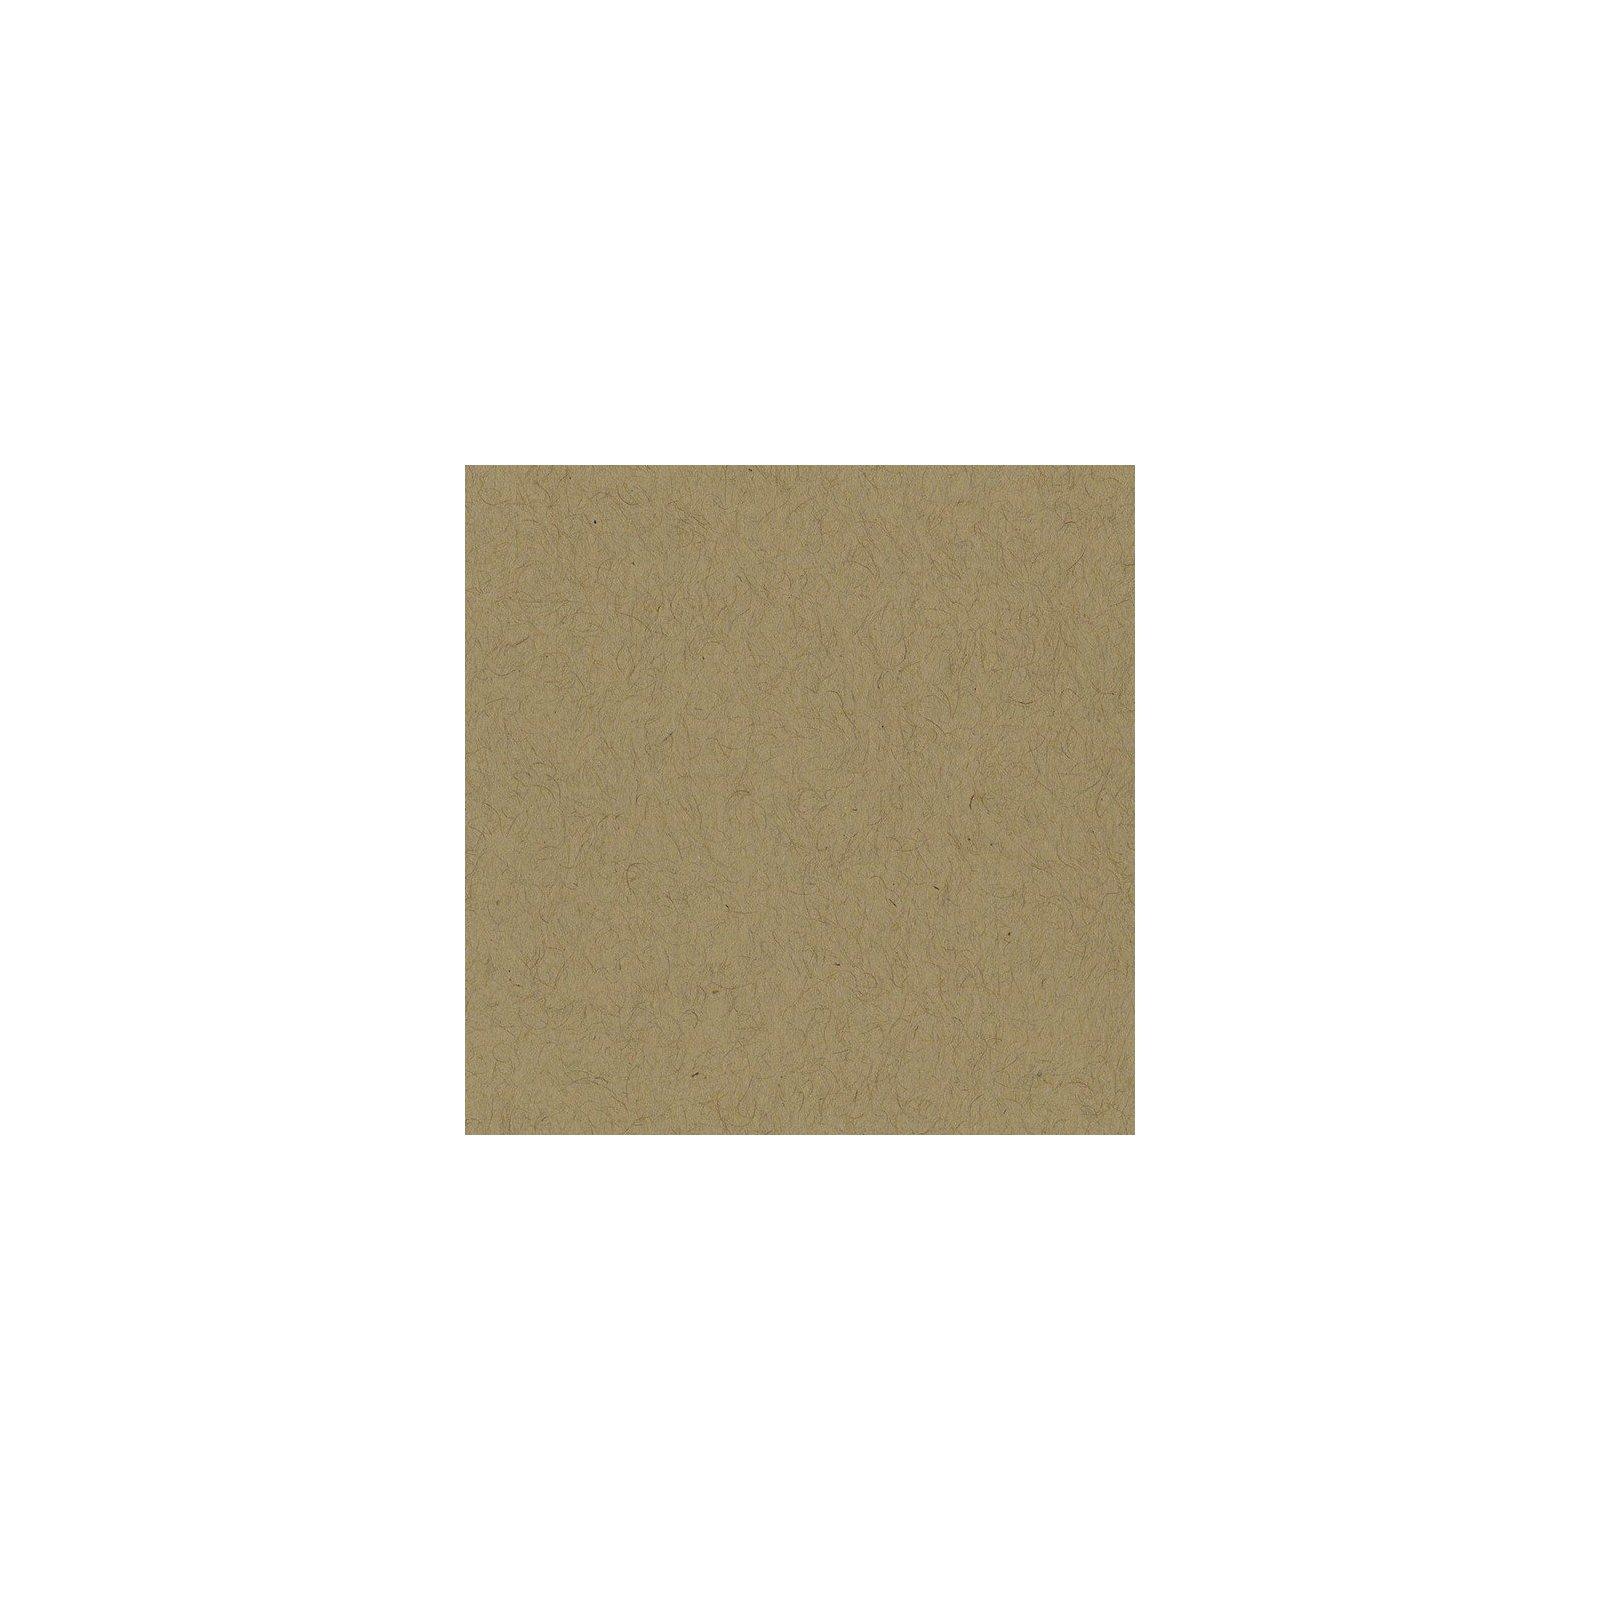 Papier beige « Kraft » - Classic - Bazzill Basics Paper